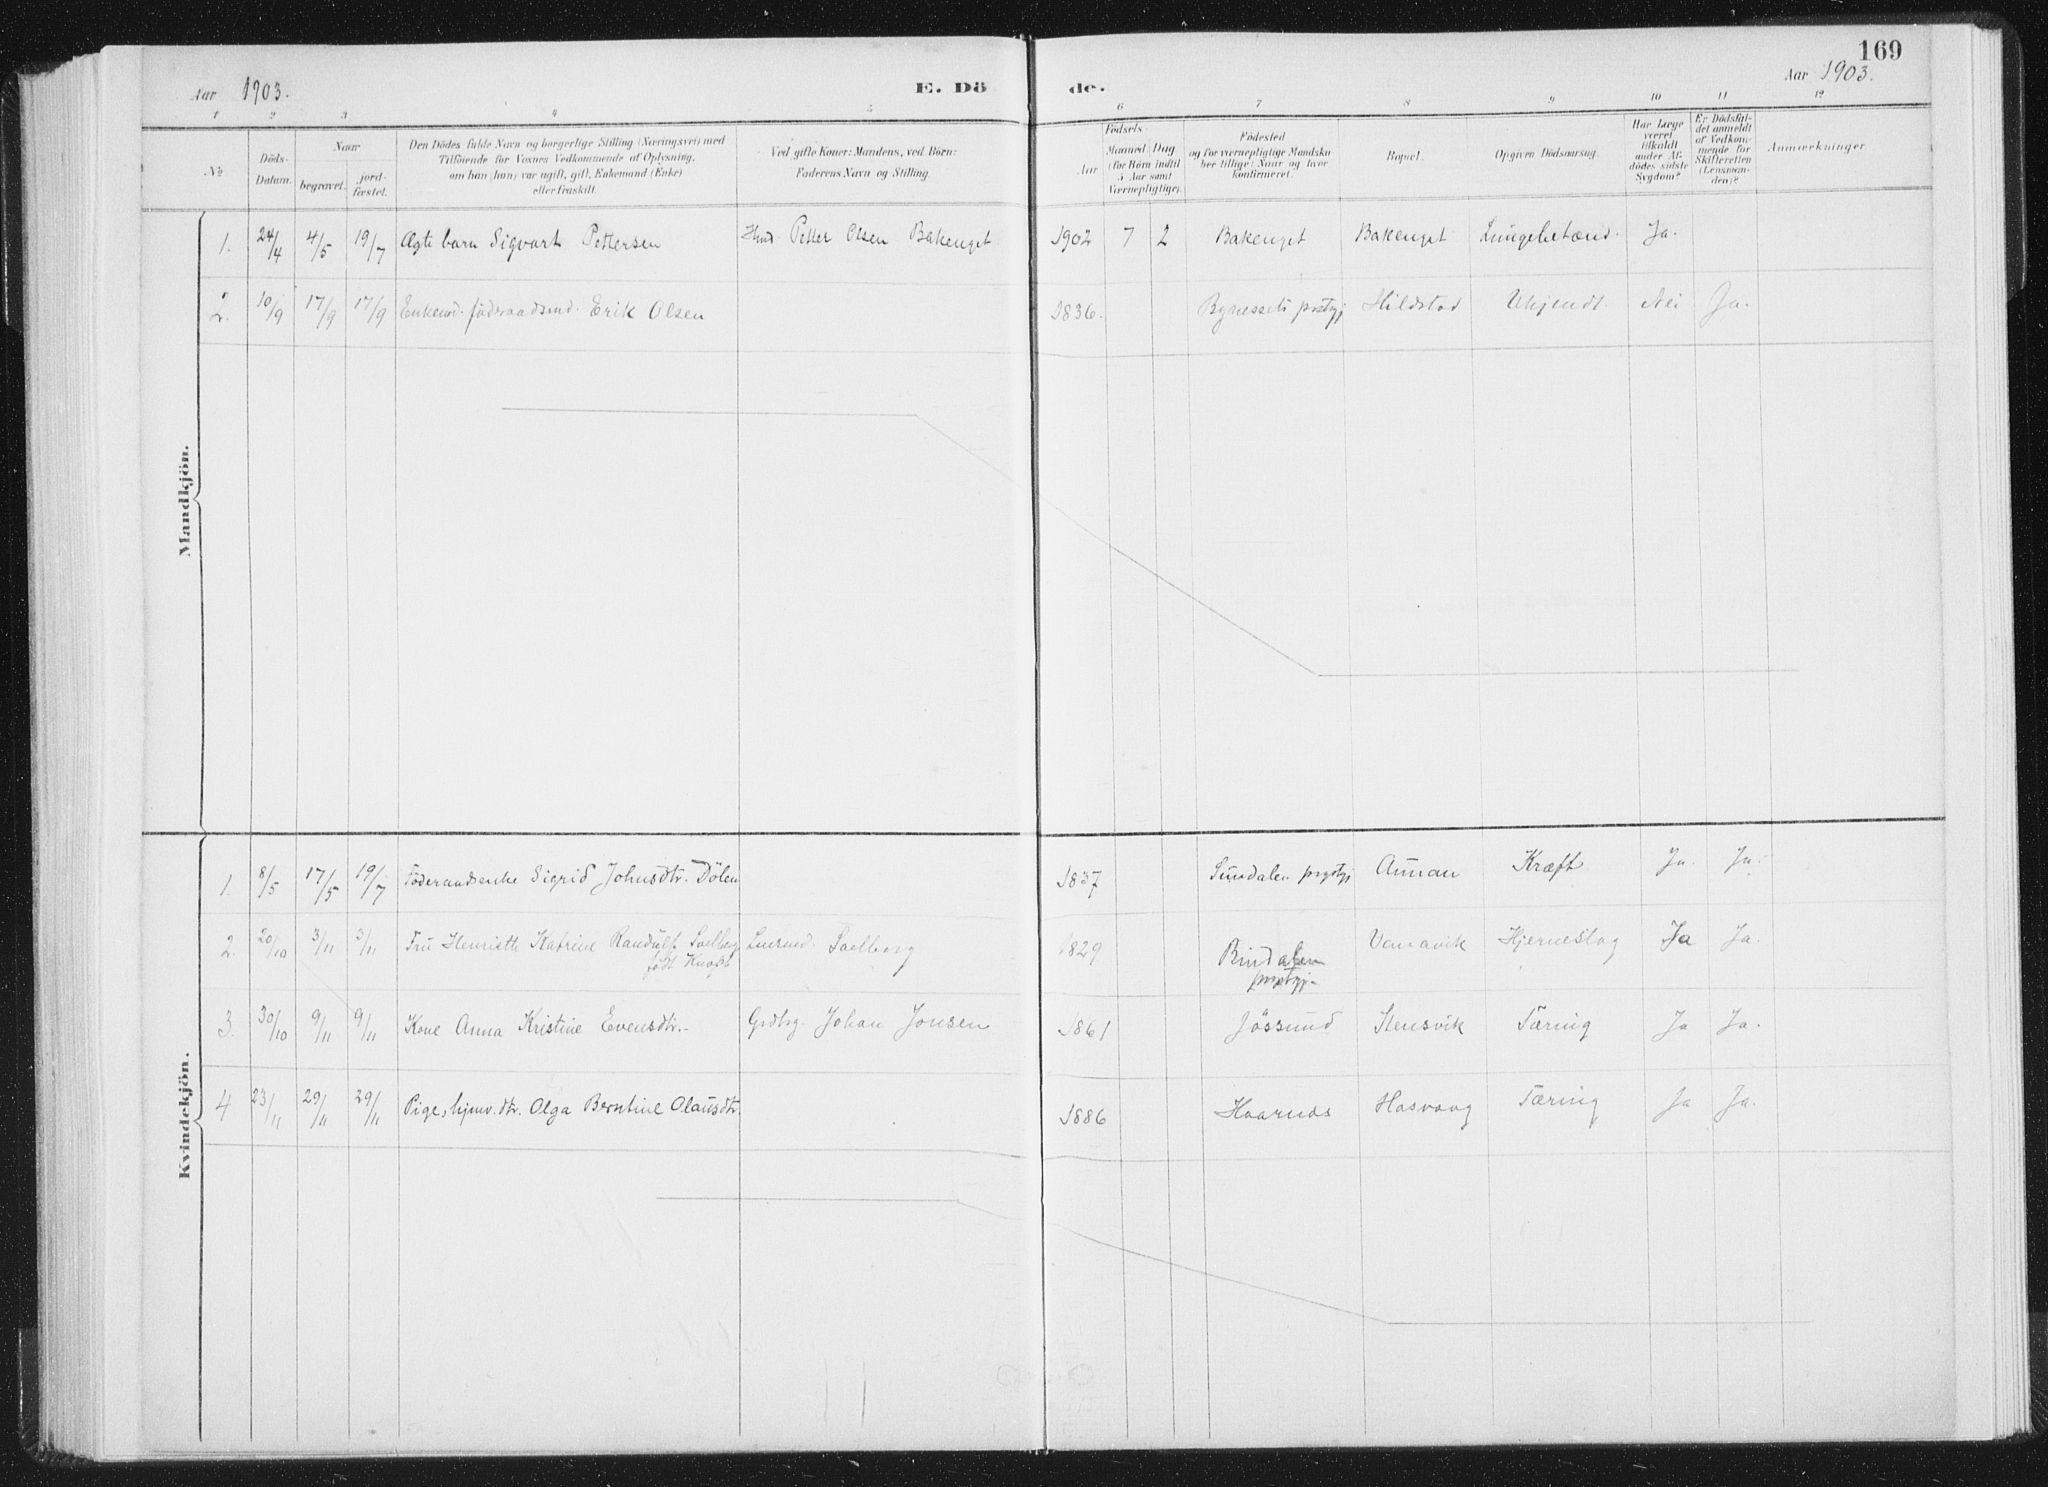 SAT, Ministerialprotokoller, klokkerbøker og fødselsregistre - Nord-Trøndelag, 771/L0597: Ministerialbok nr. 771A04, 1885-1910, s. 169